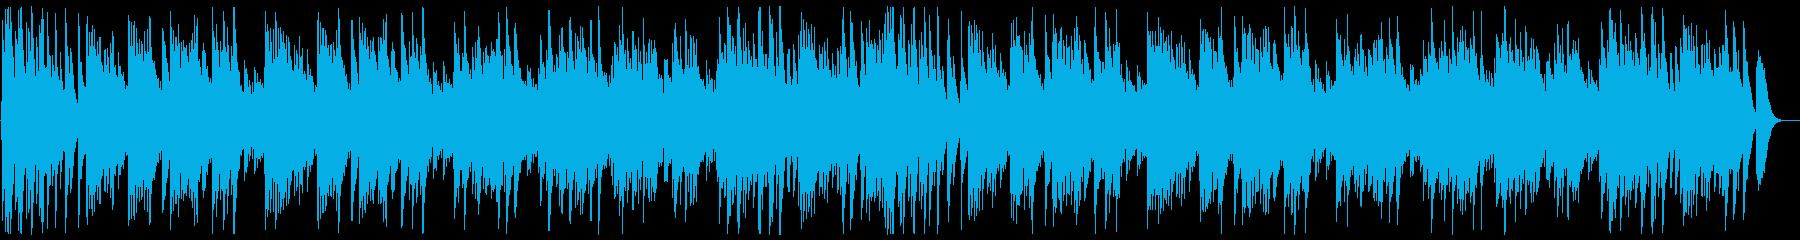 可愛い優しい曲調のハンドベルの曲の再生済みの波形